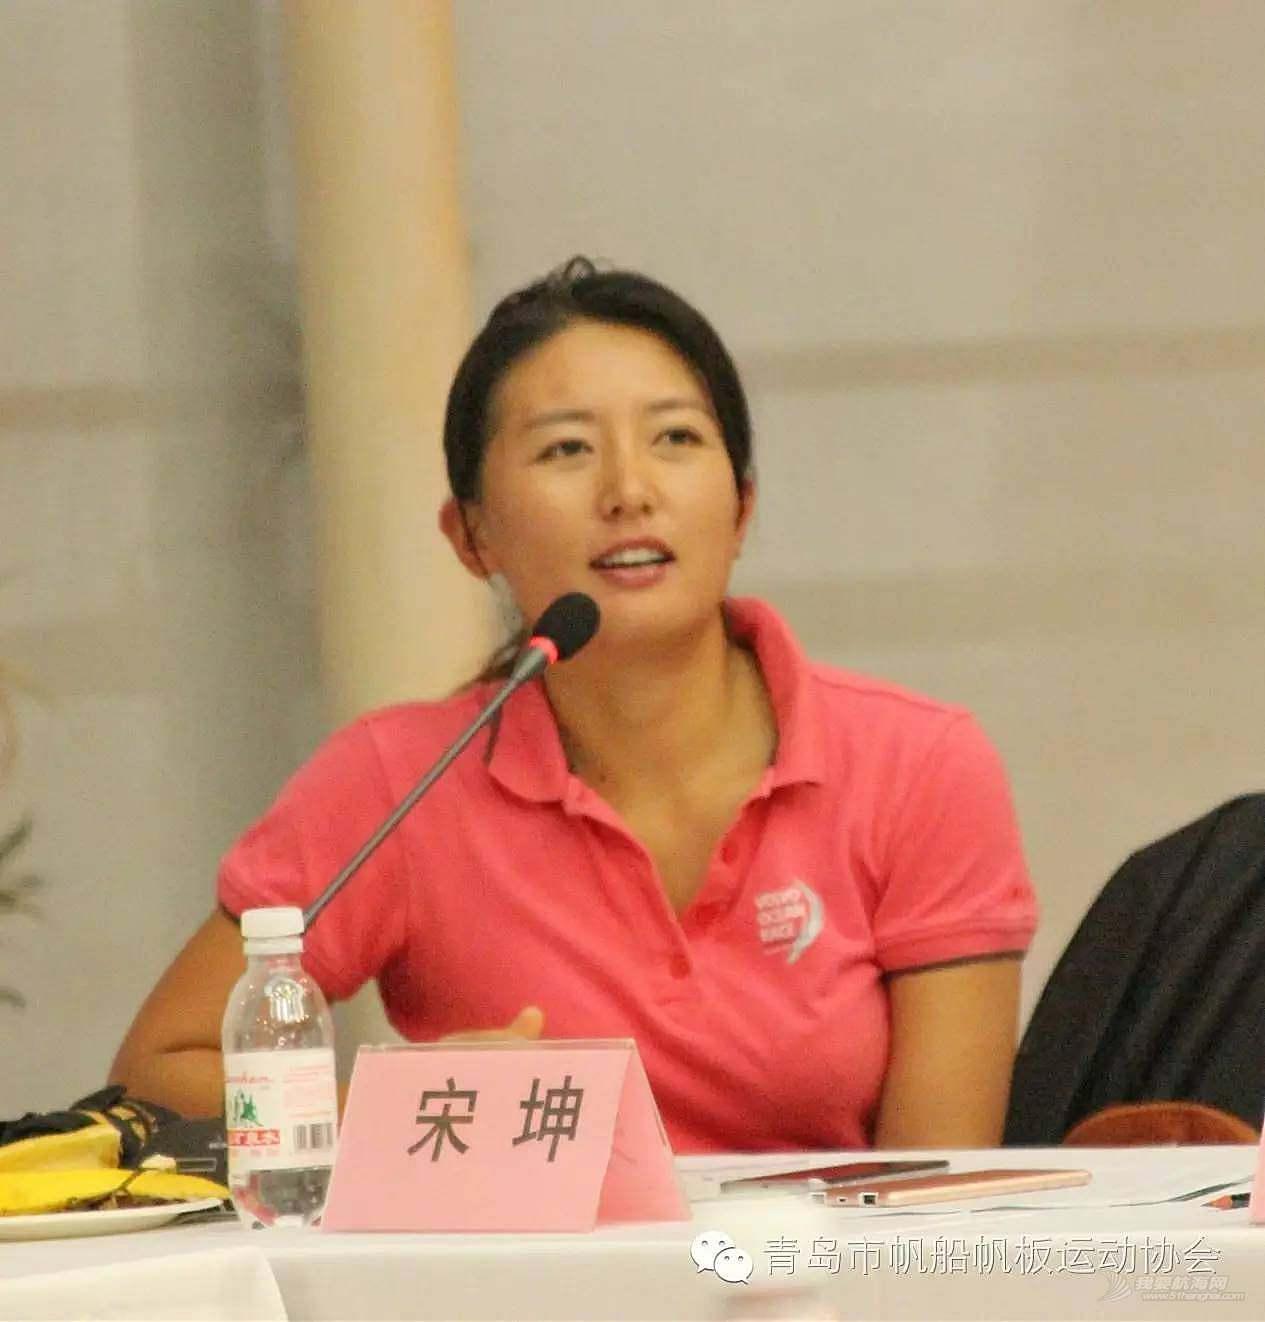 青岛市,俱乐部,大世界,帆板,中国女子 2016年青岛市帆船俱乐部发展战略研讨暨资源分享会